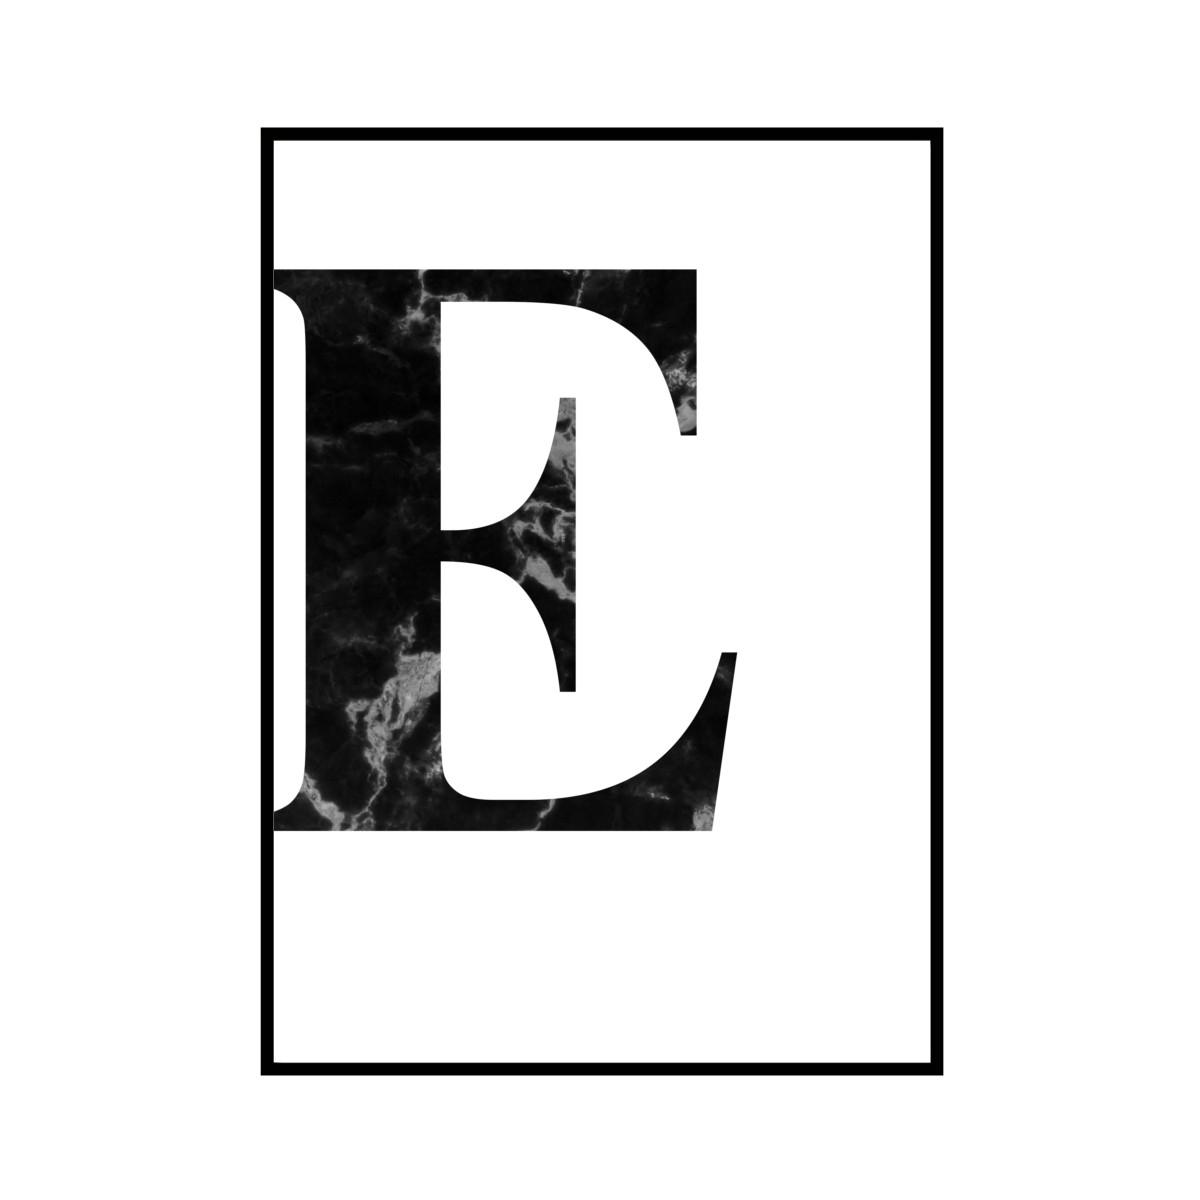 """""""E"""" 黒大理石 - Black marble - ALPHAシリーズ [SD-000506] A1サイズ フレームセット"""